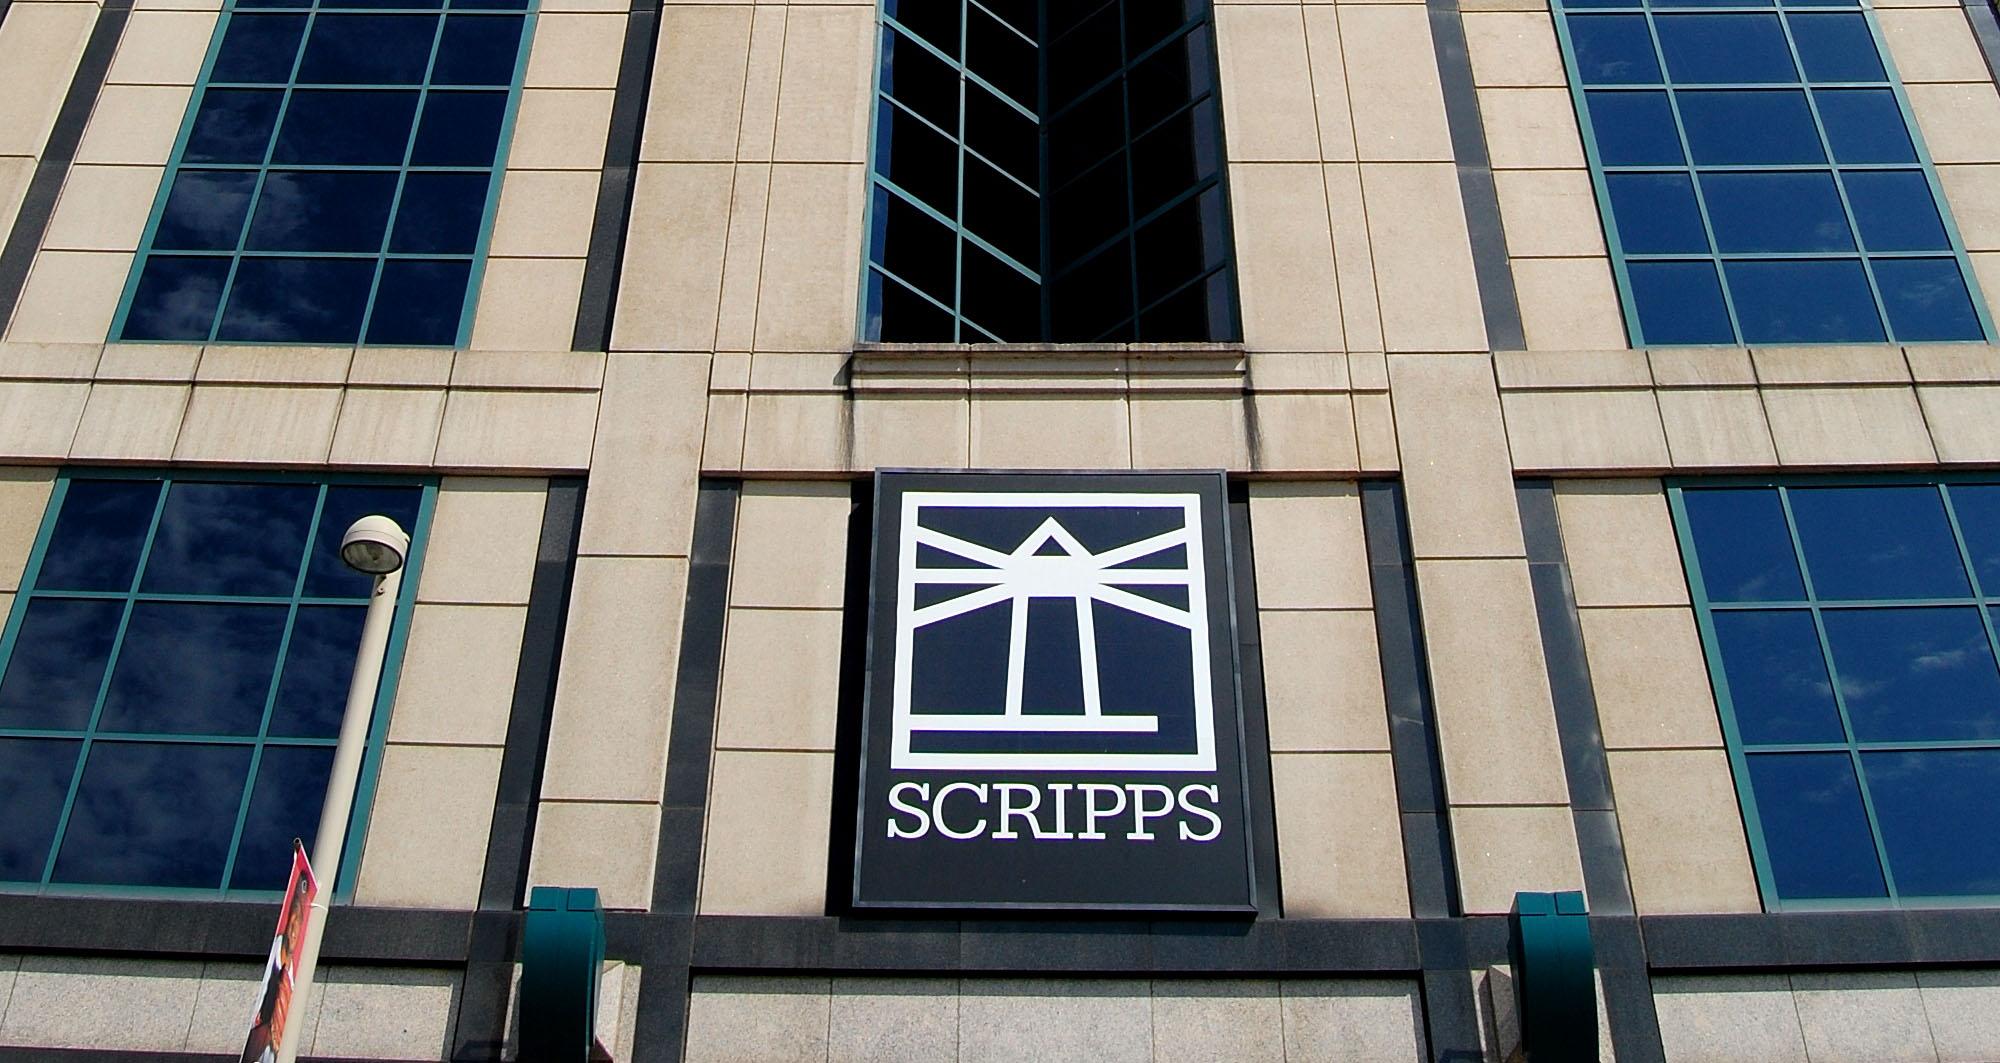 DT Scripps Cropped Hor